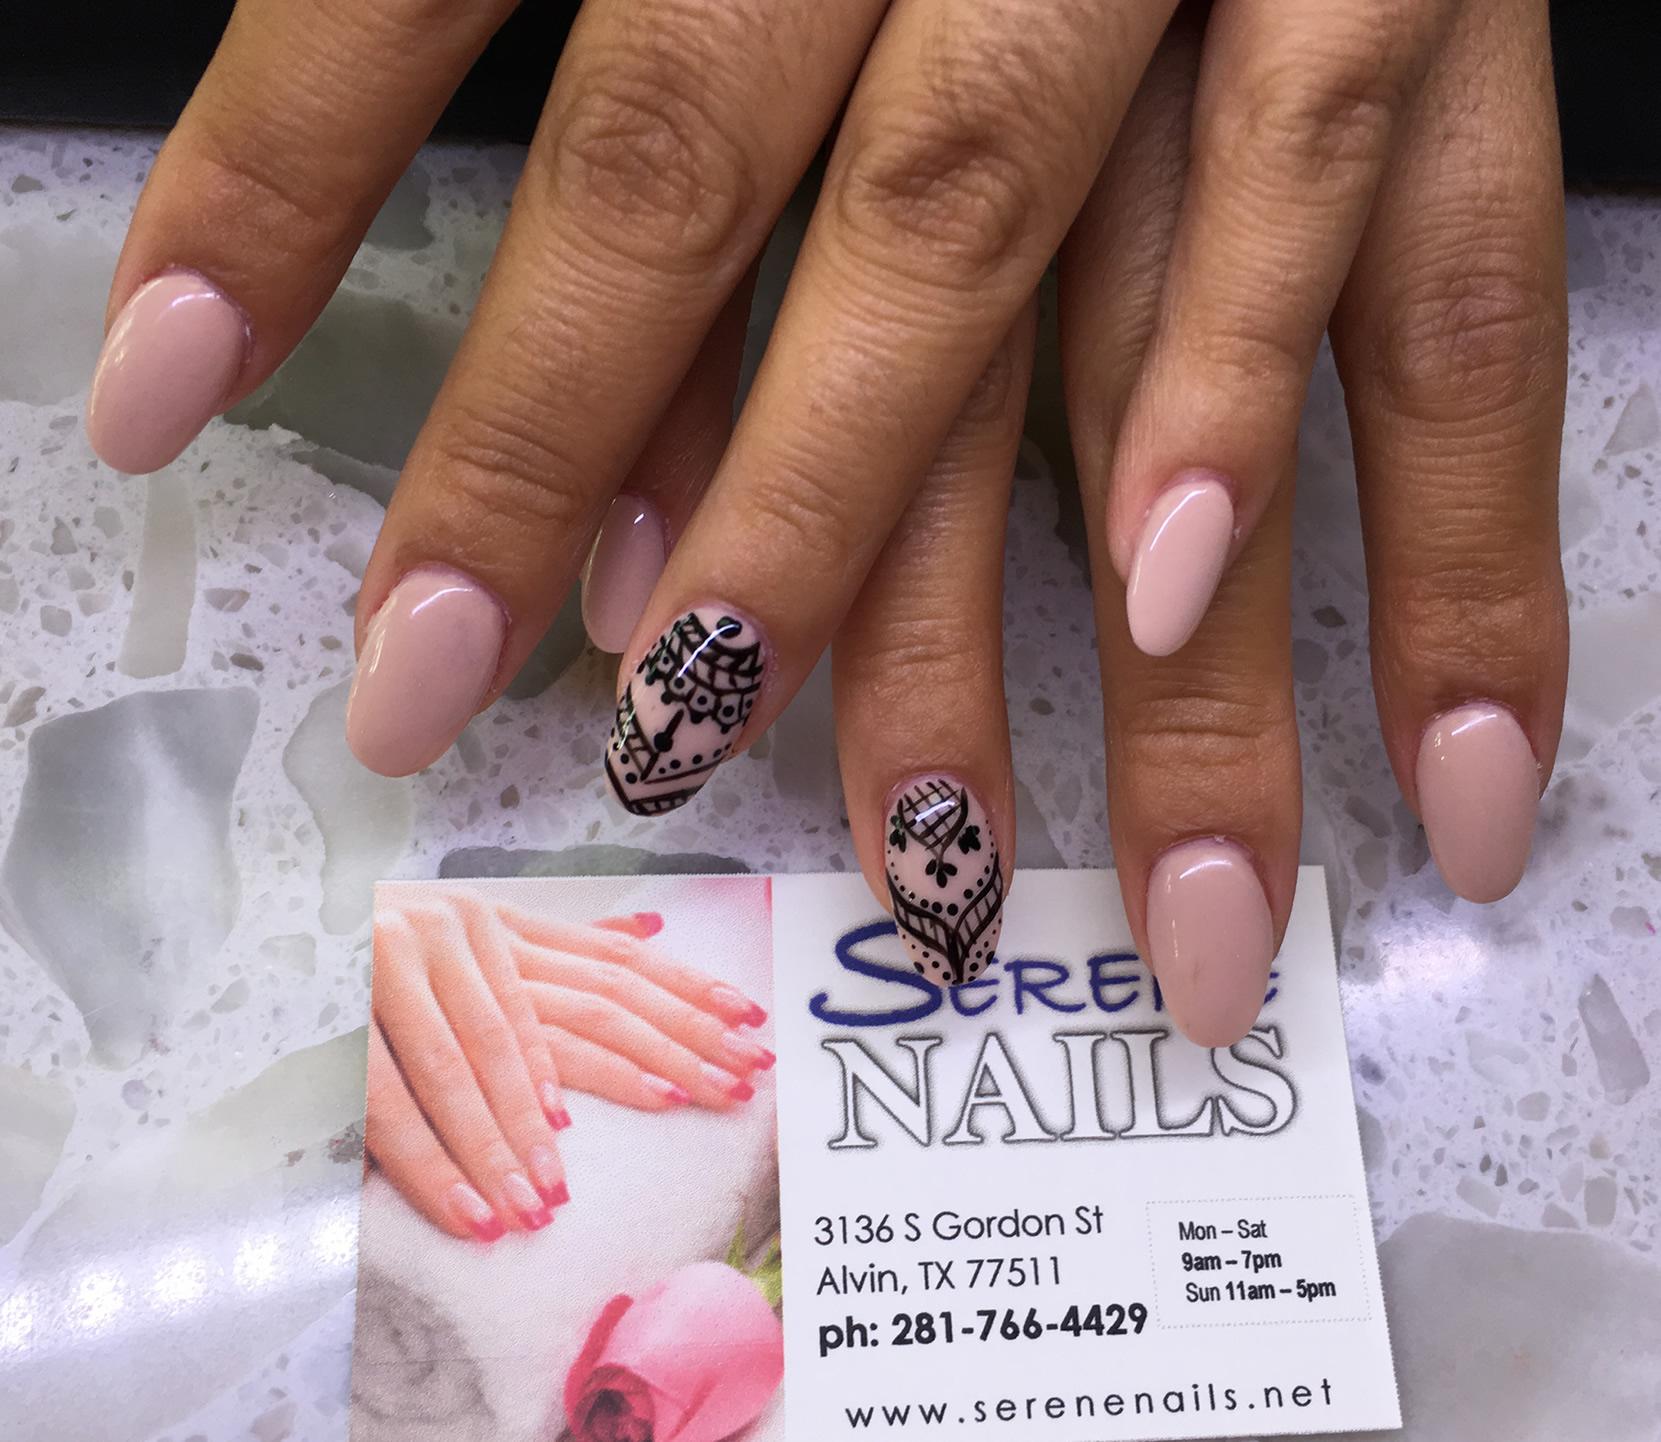 Serene Nails image 26